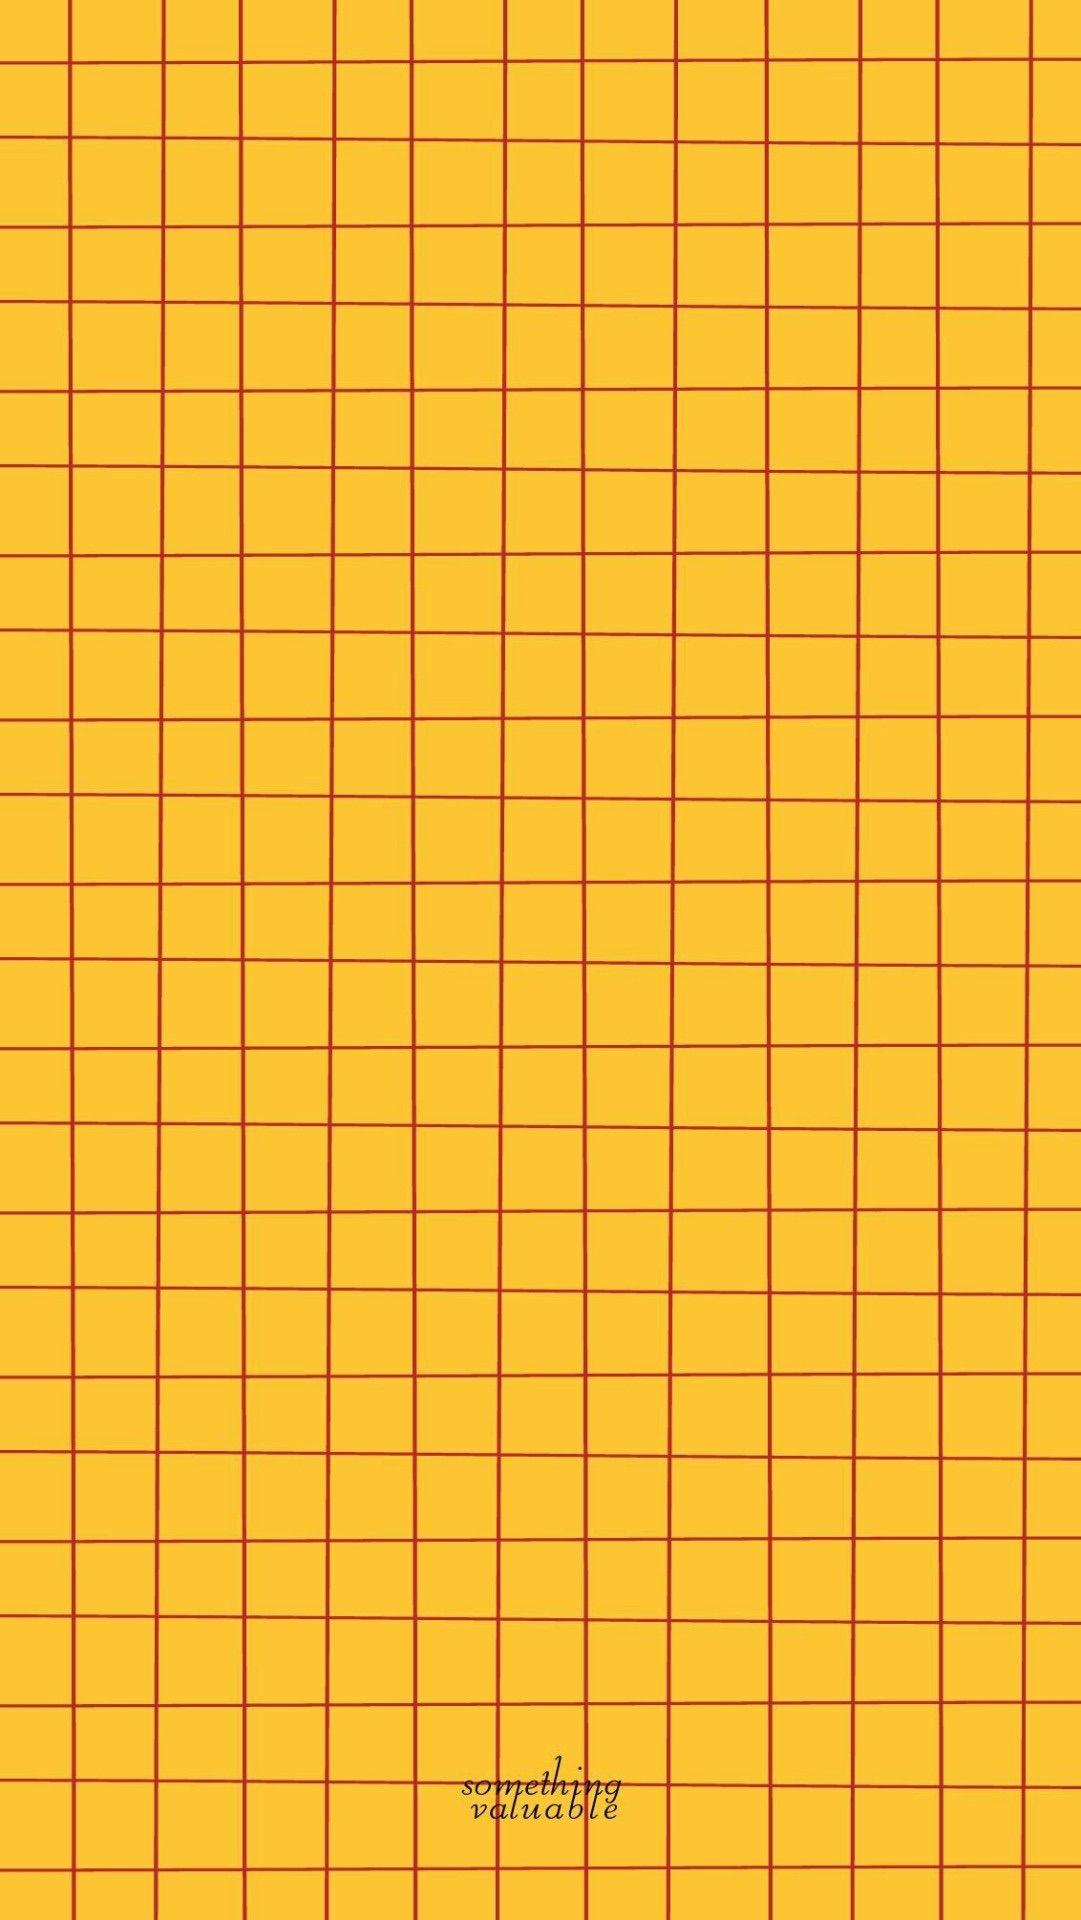 Yellow Background Kertas Dinding Wallpaper Iphone Papan Warna